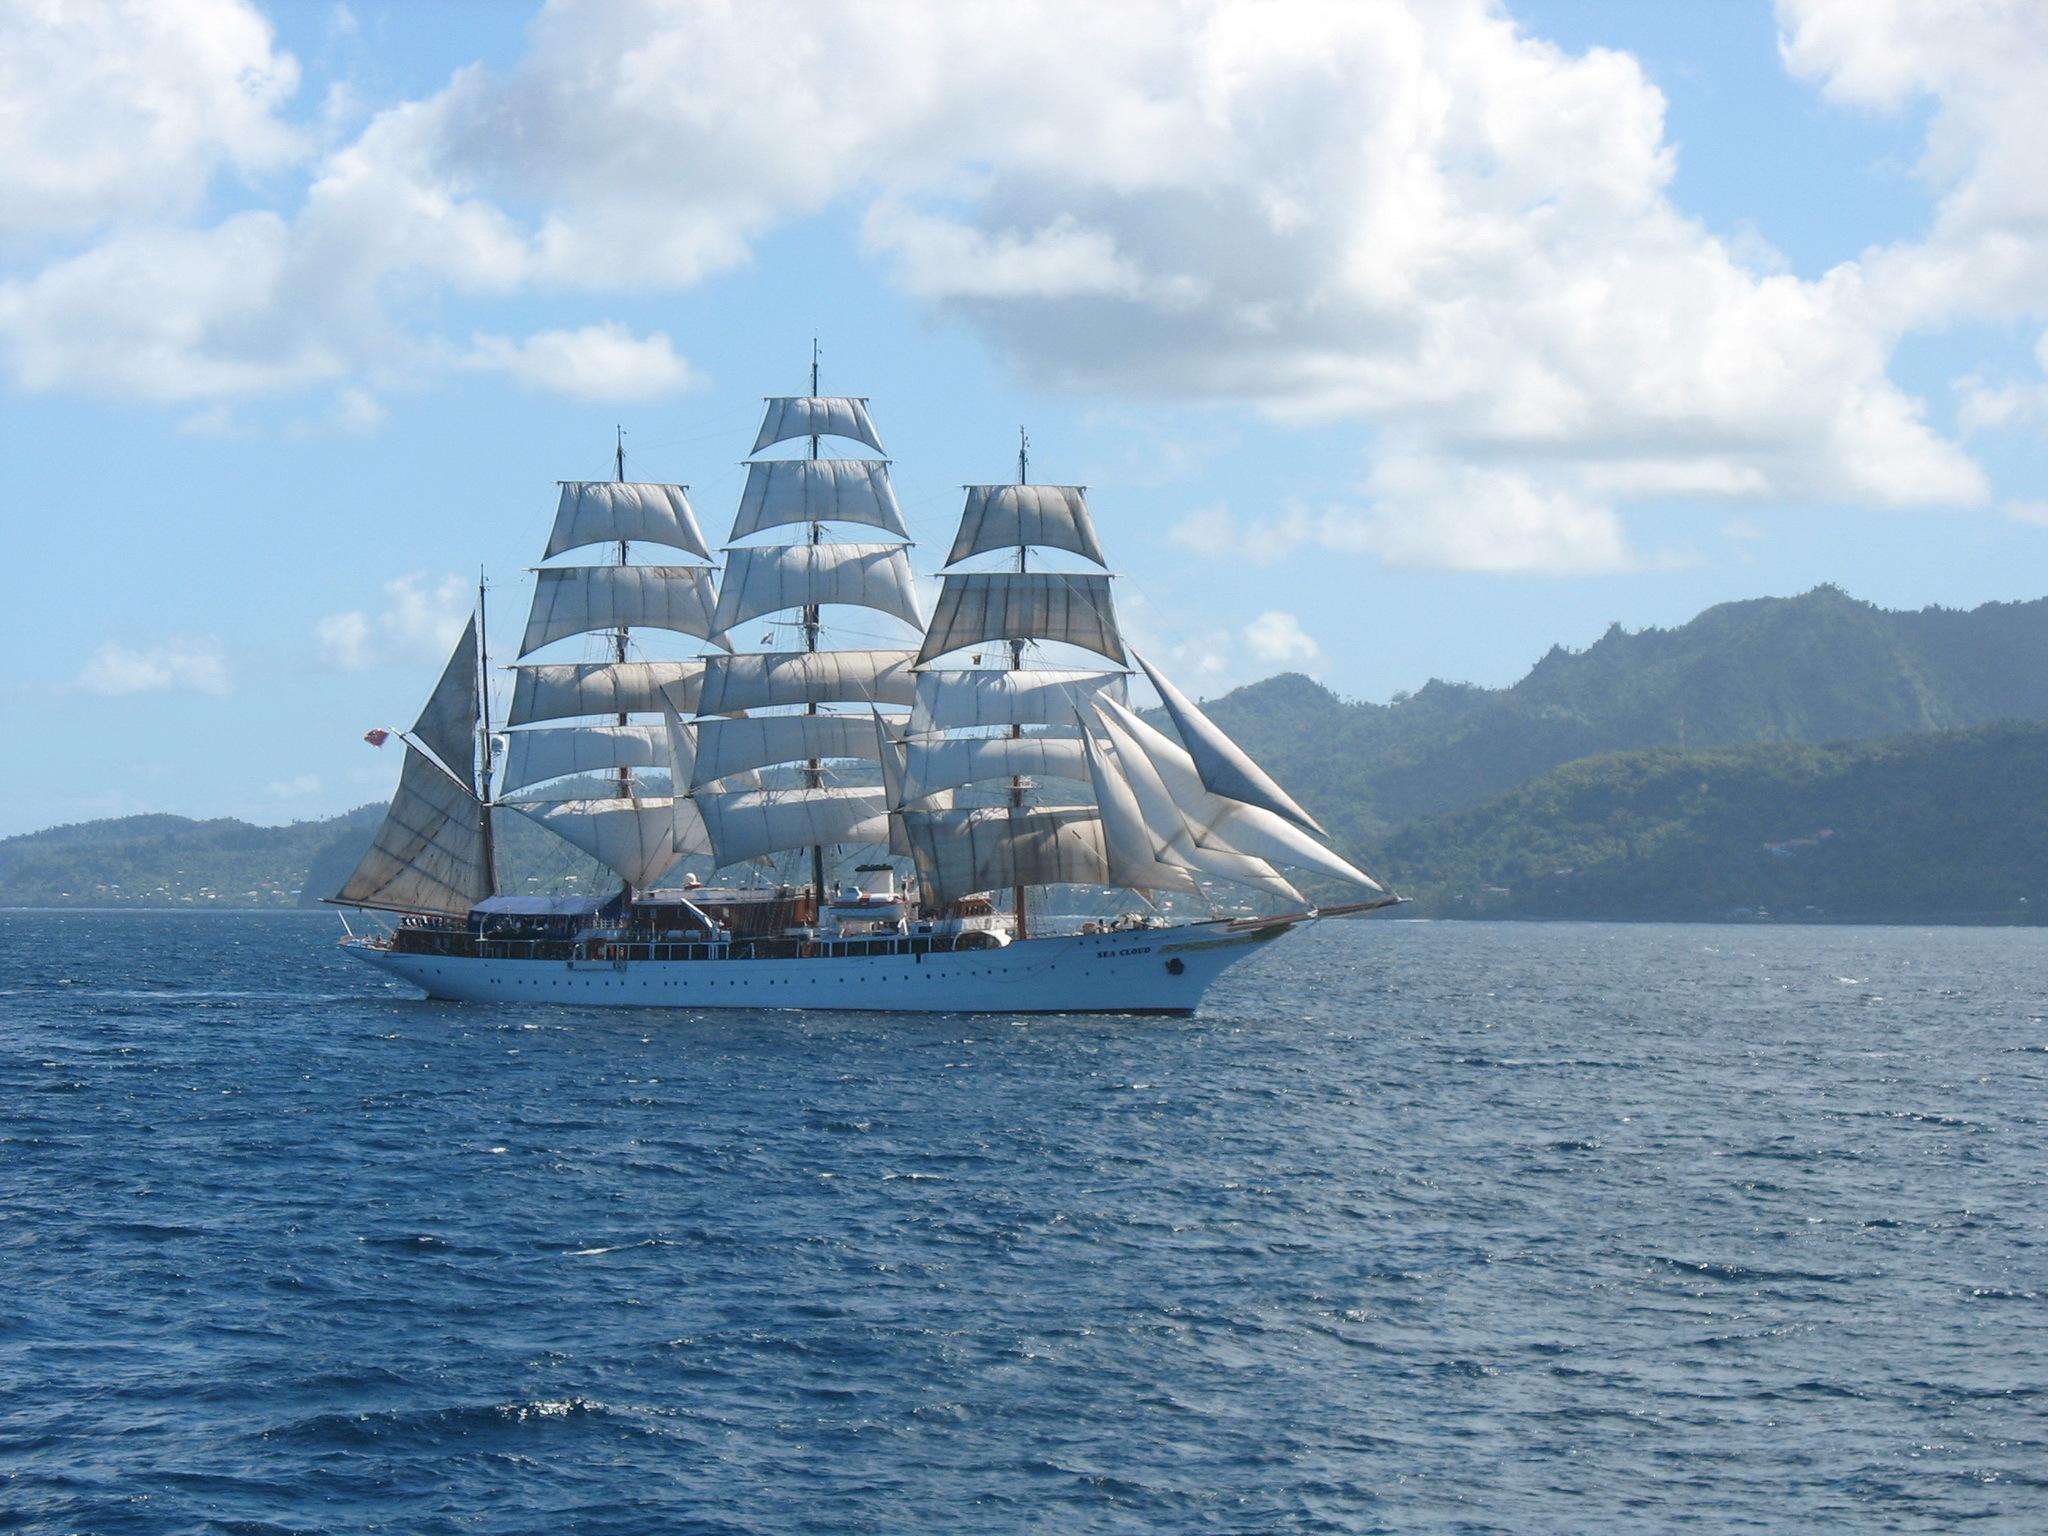 путь фотографии парусников в море крупа, которой